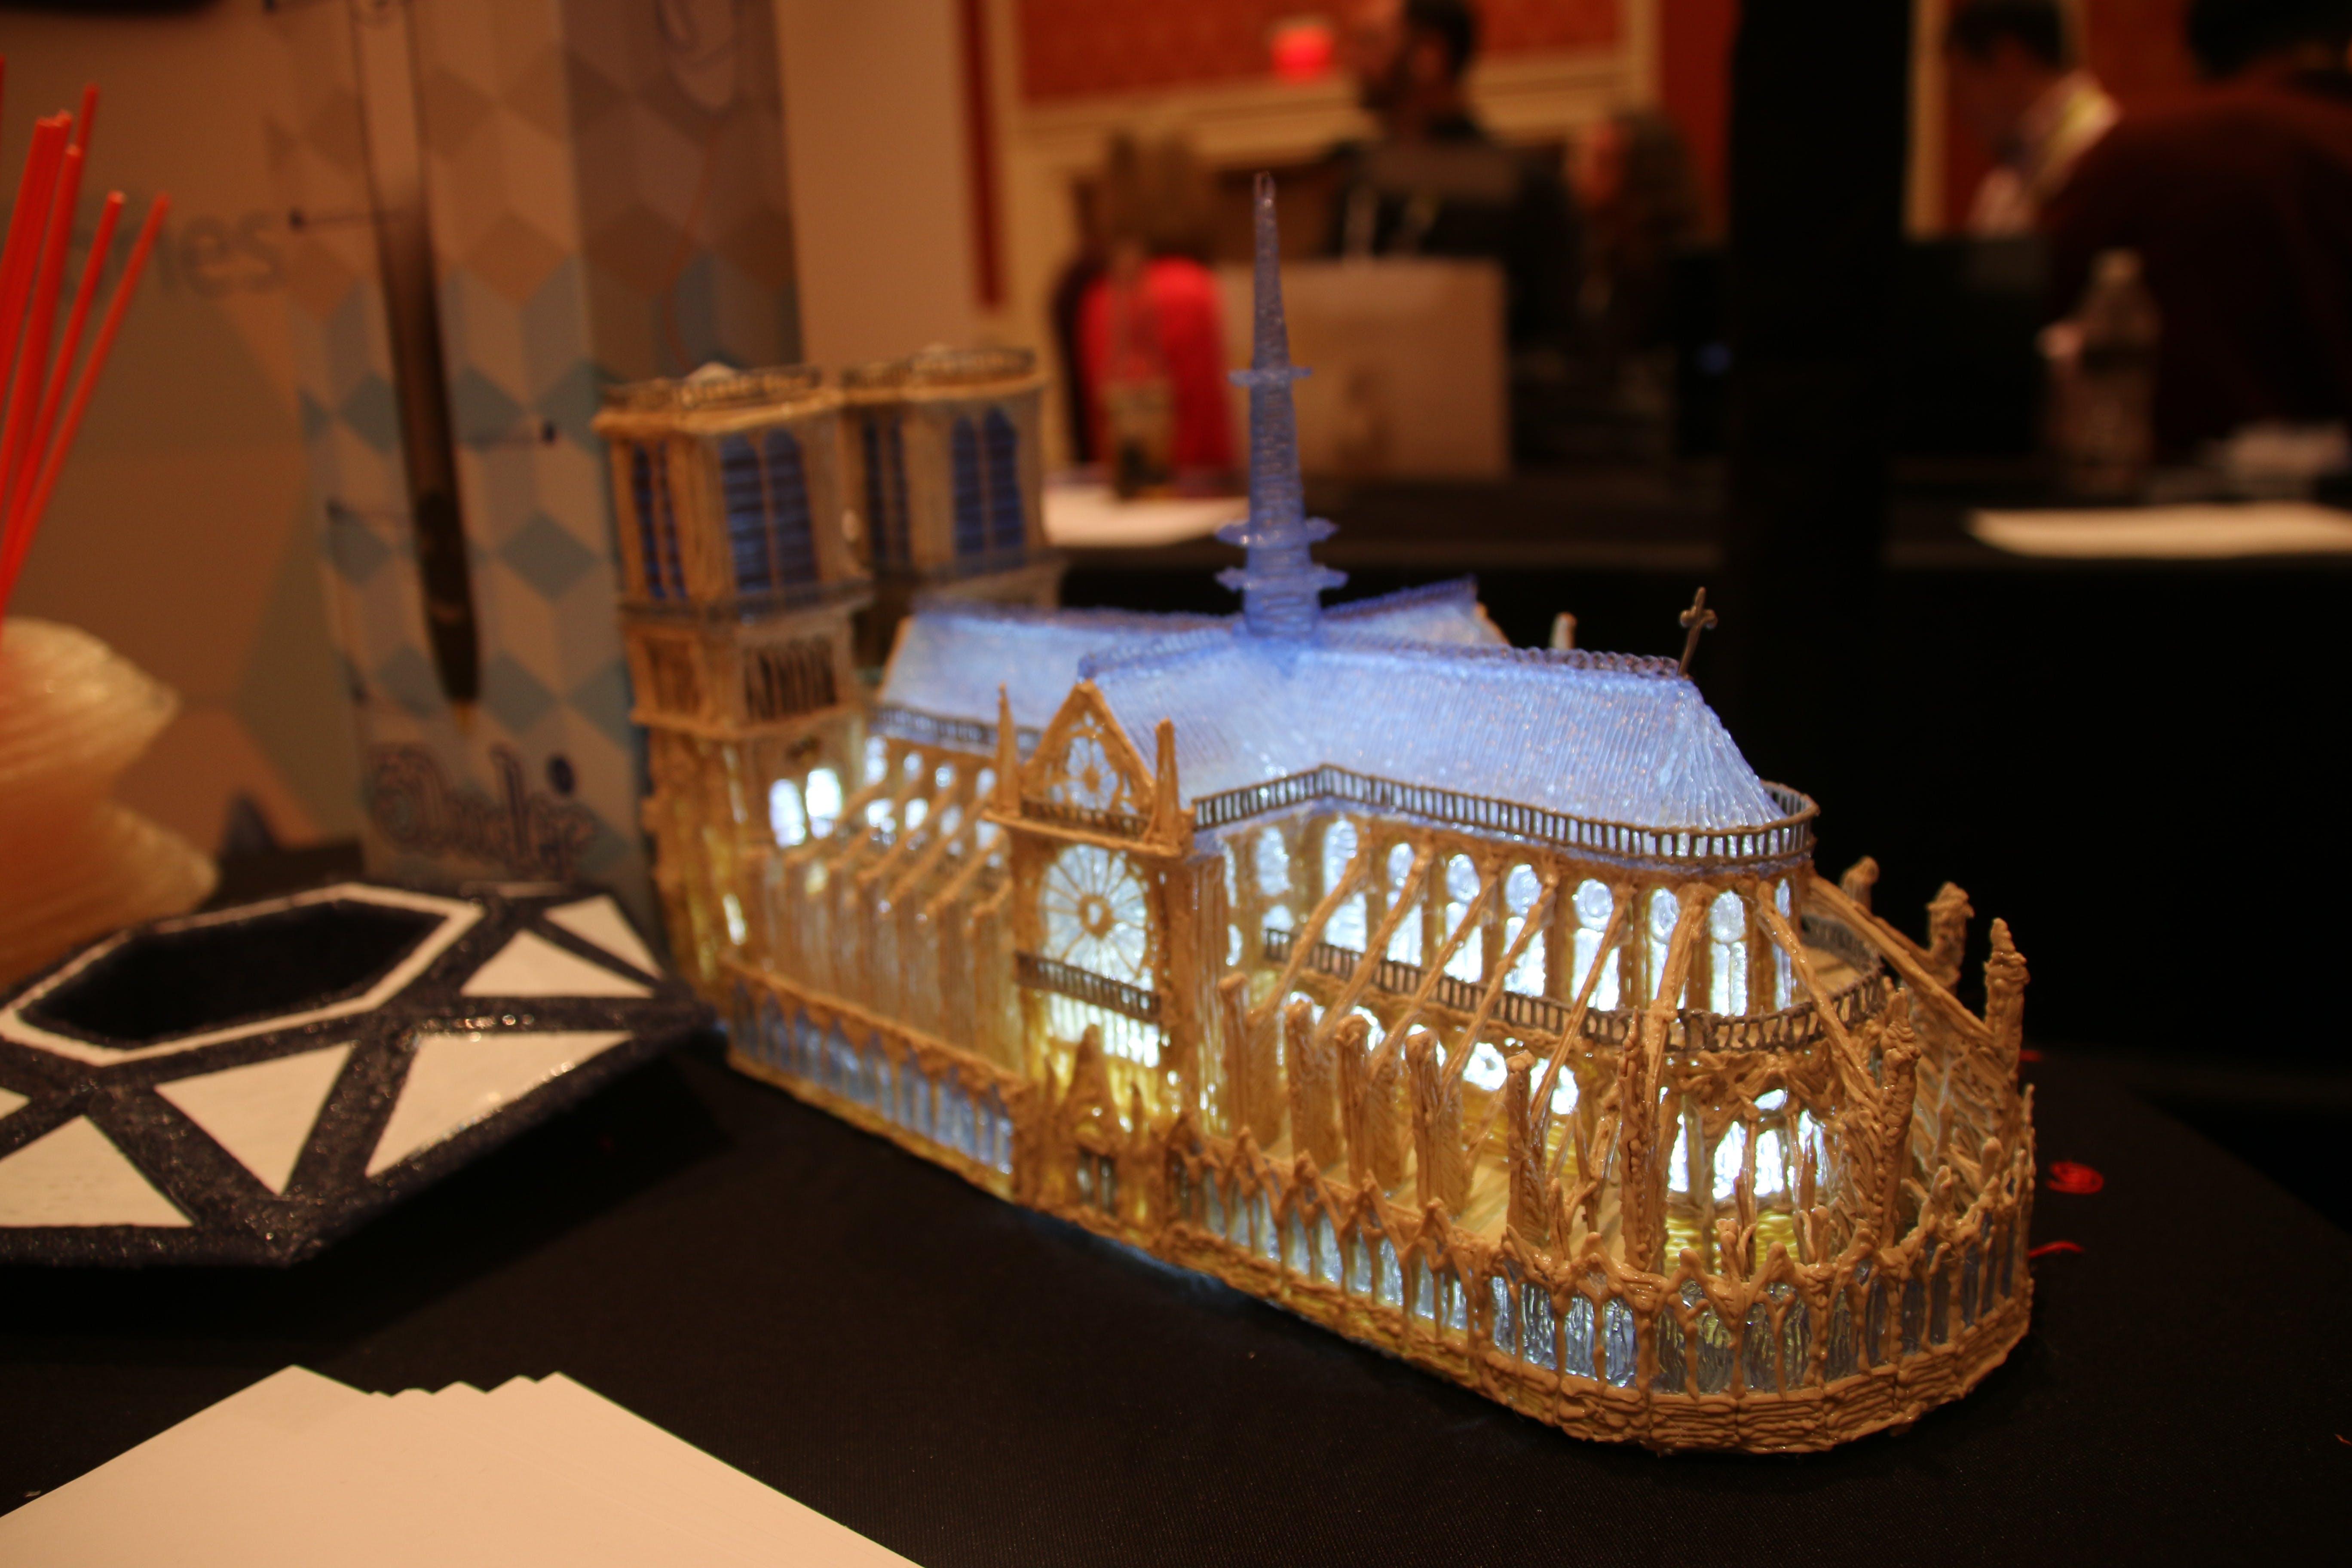 Made using 3Doodler.